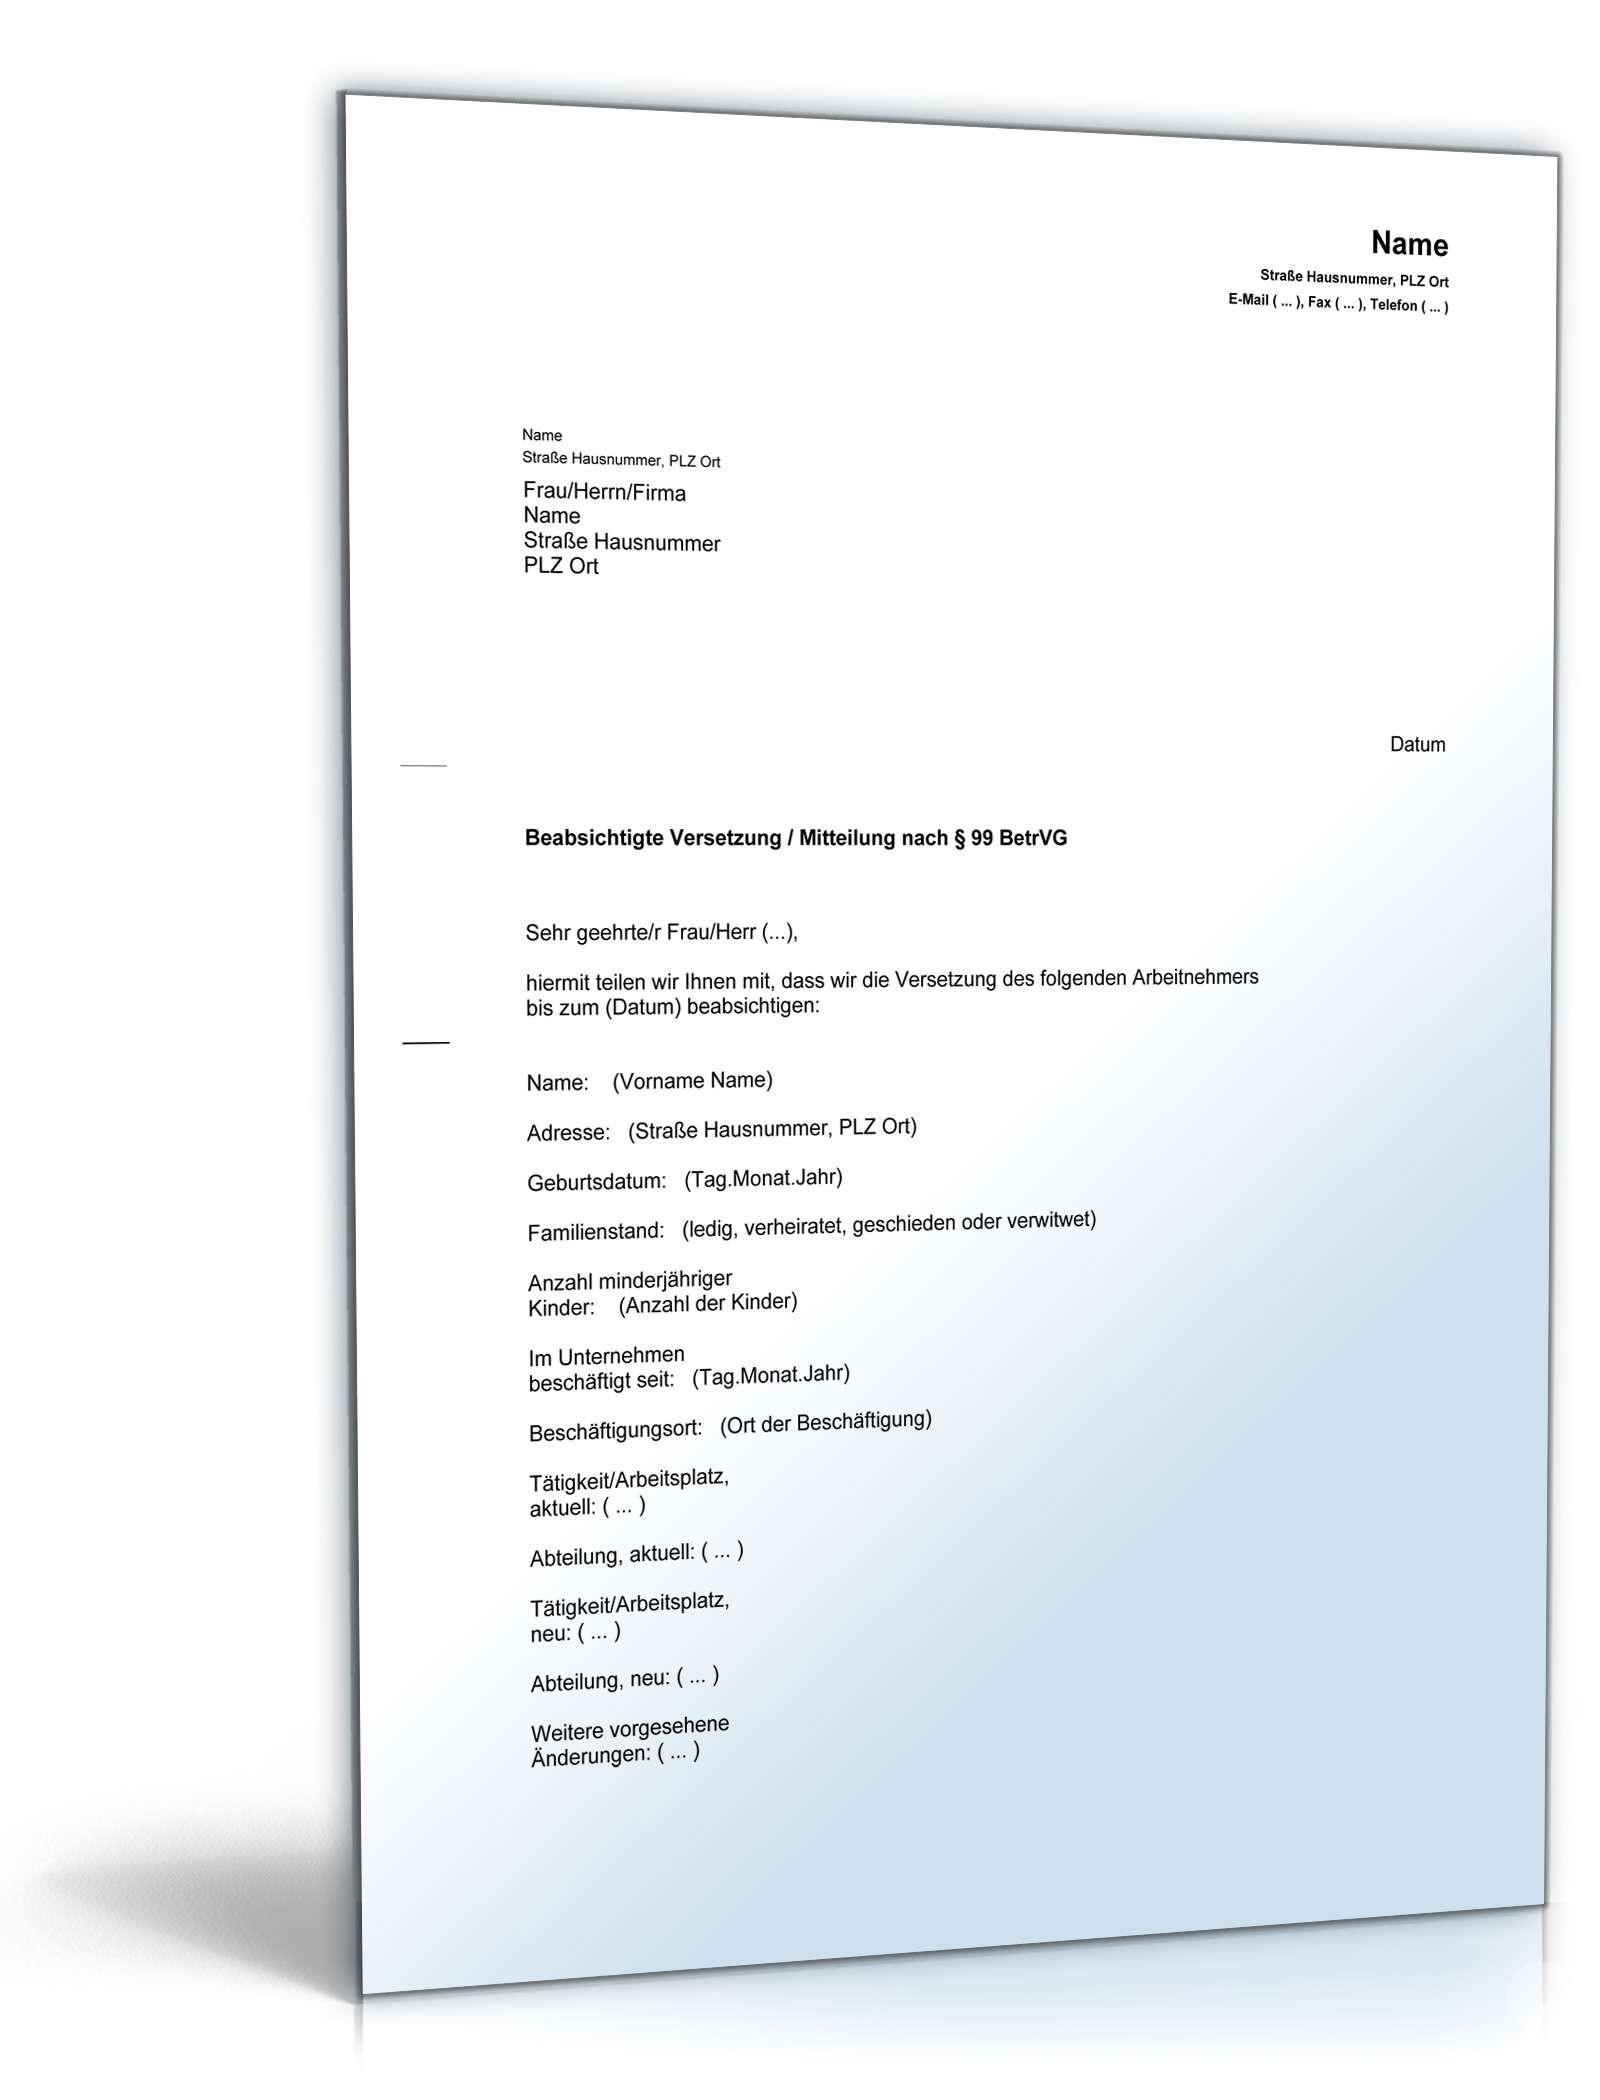 Benachrichtigung Versetzung Mitarbeiter | Muster zum Download